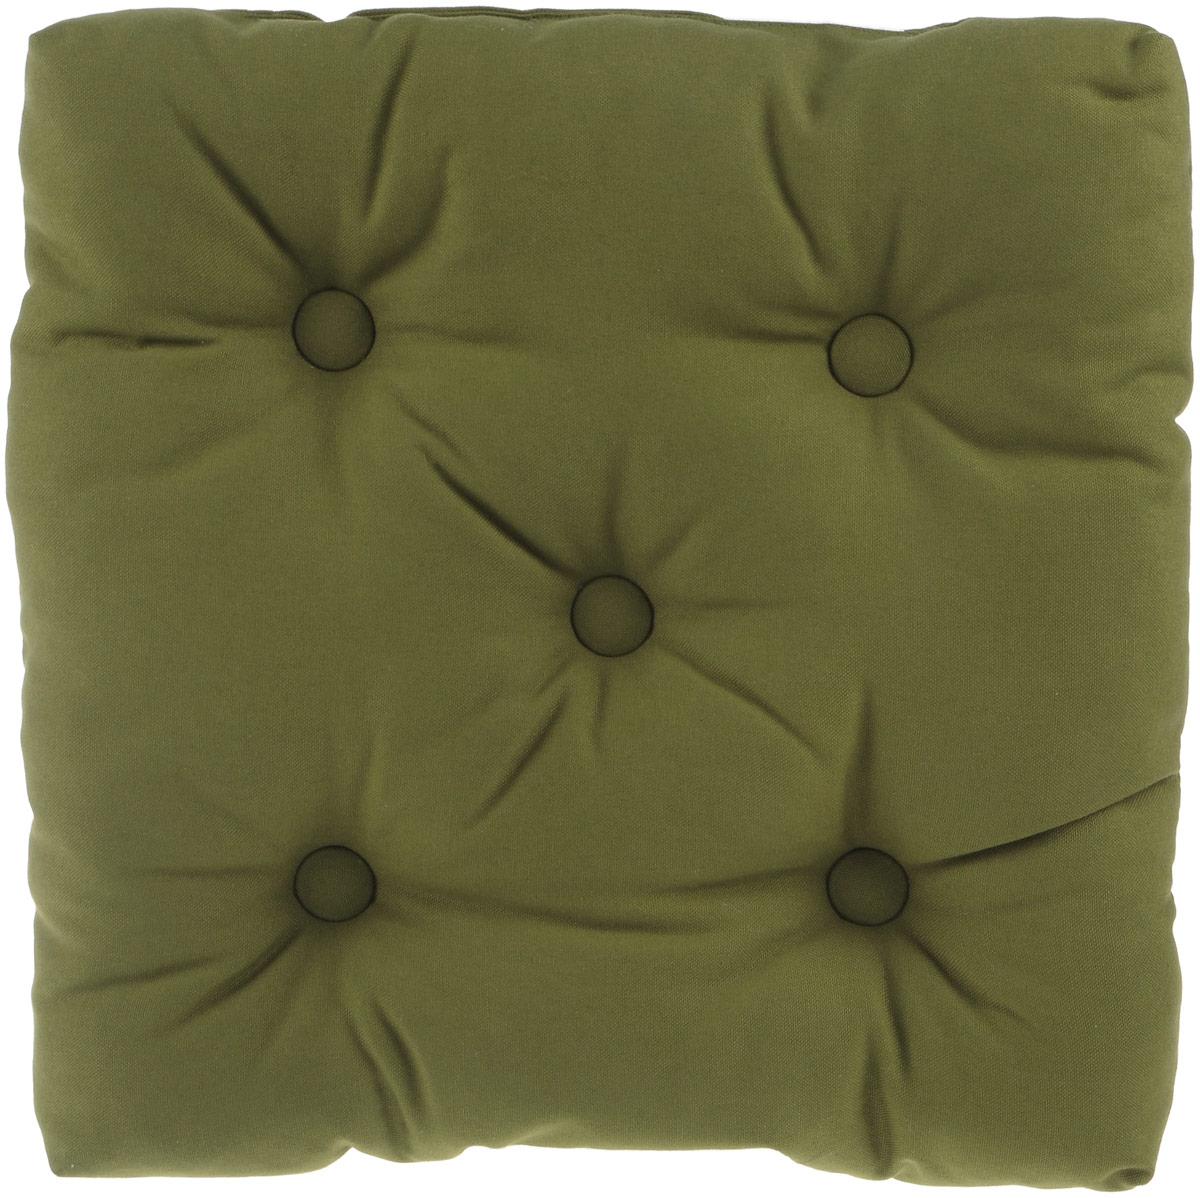 Подушка на стул KauffOrt Комо, цвет: зеленый, 40 x 40 см3121050186Подушка на стул KauffOrt Комо не только красиво дополнит интерьер кухни, но и обеспечит комфорт при сидении. Чехол выполнен из хлопка, а наполнитель из холлофайбера. Подушка легко крепится на стул с помощью завязок. Правильно сидеть - значит сохранить здоровье на долгие годы. Жесткие сидения подвергают наше здоровье опасности. Подушка с мягким наполнителем поможет предотвратить большинство нежелательных последствий сидячего образа жизни.Толщина подушки: 10 см.